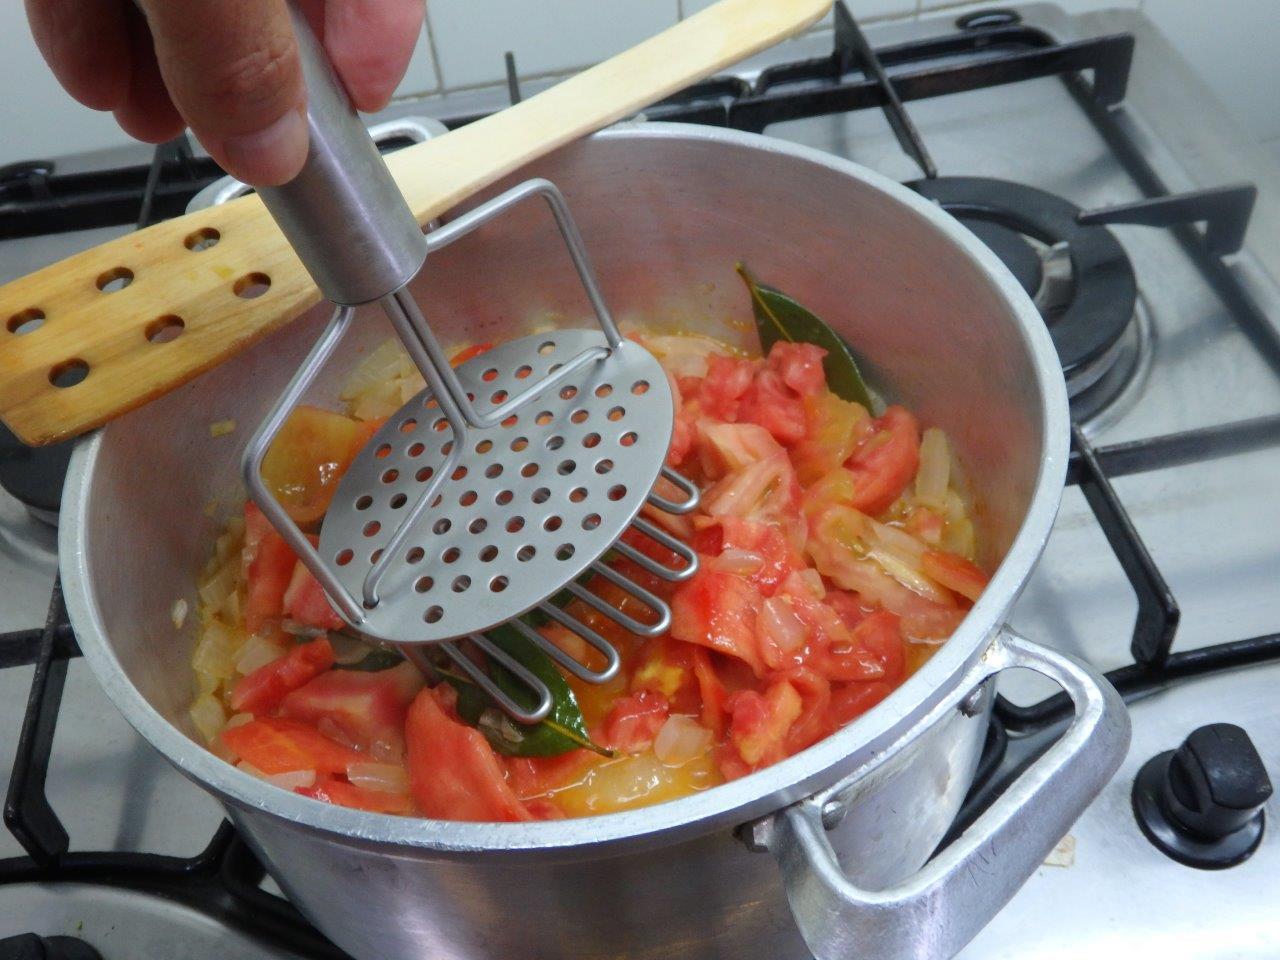 arroz de peixe galo Arroz de Peixe Galo Arroz de Peixe Galo 3